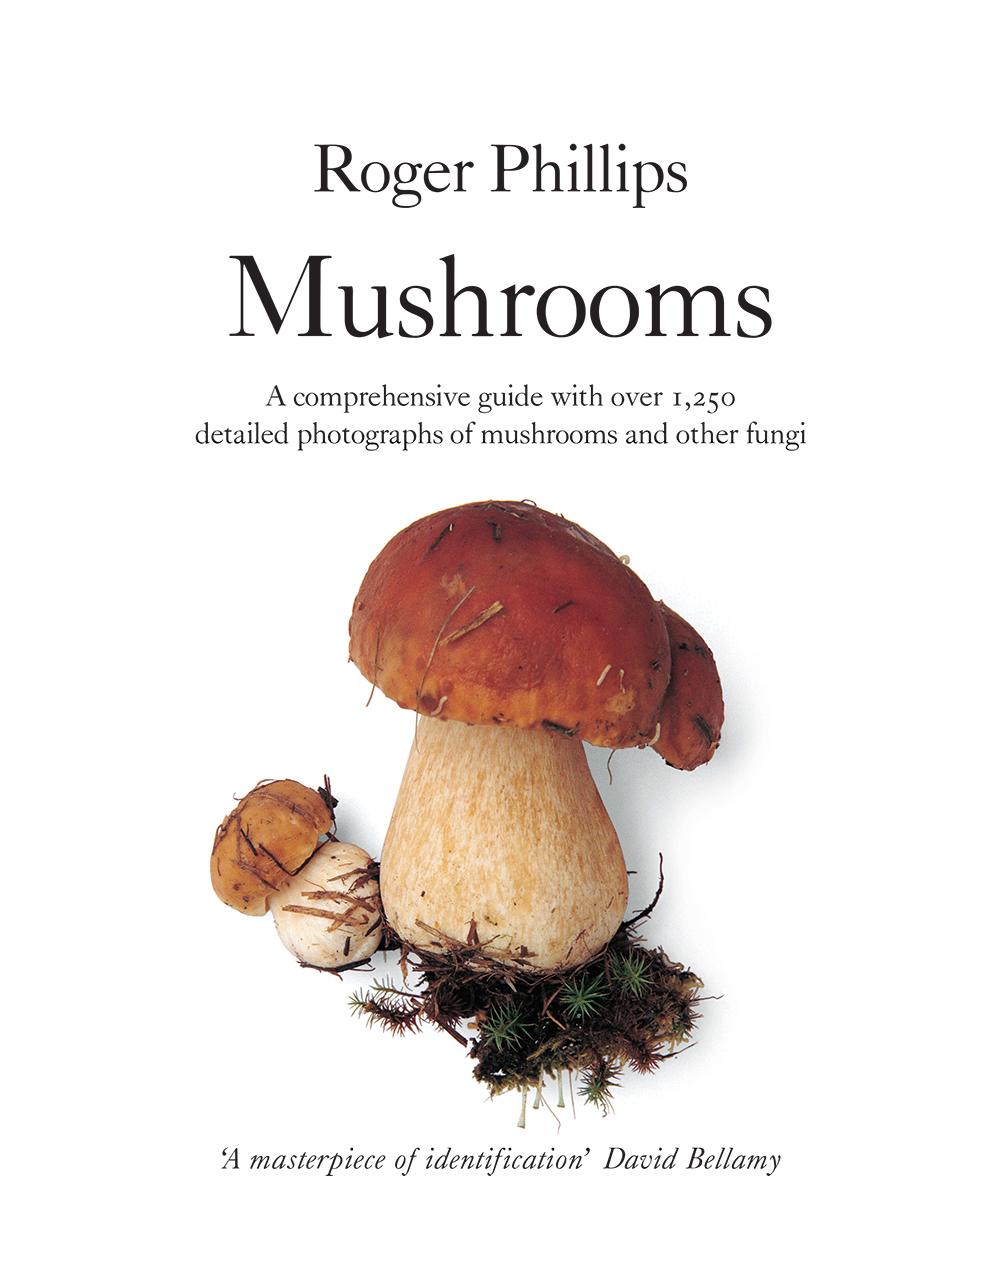 Macmillan - Mushrooms - 9780330442374.jpg